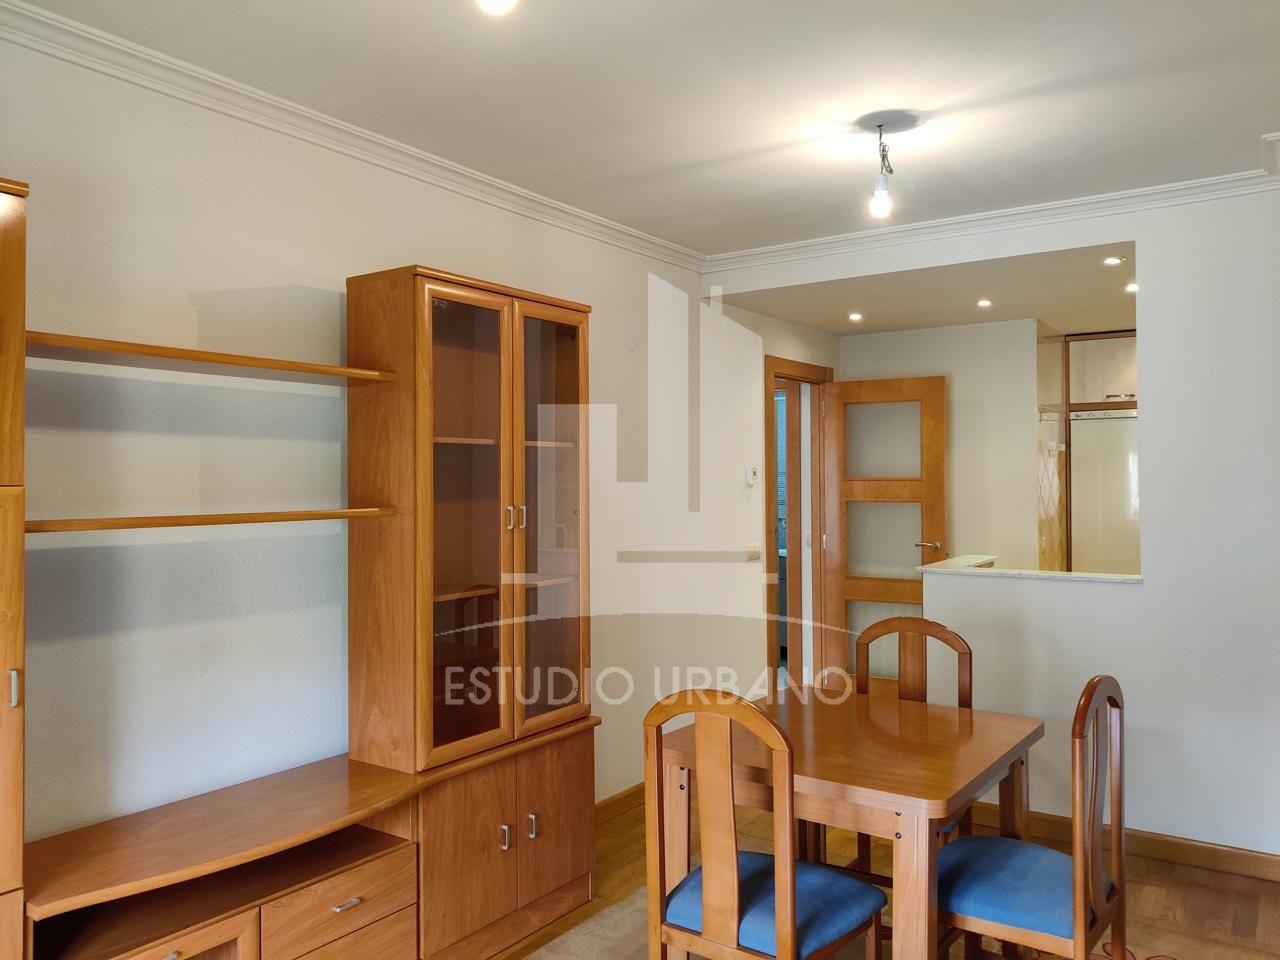 pisos en carbajosa-de-la-sagrada · calle-oeste-37188 400€